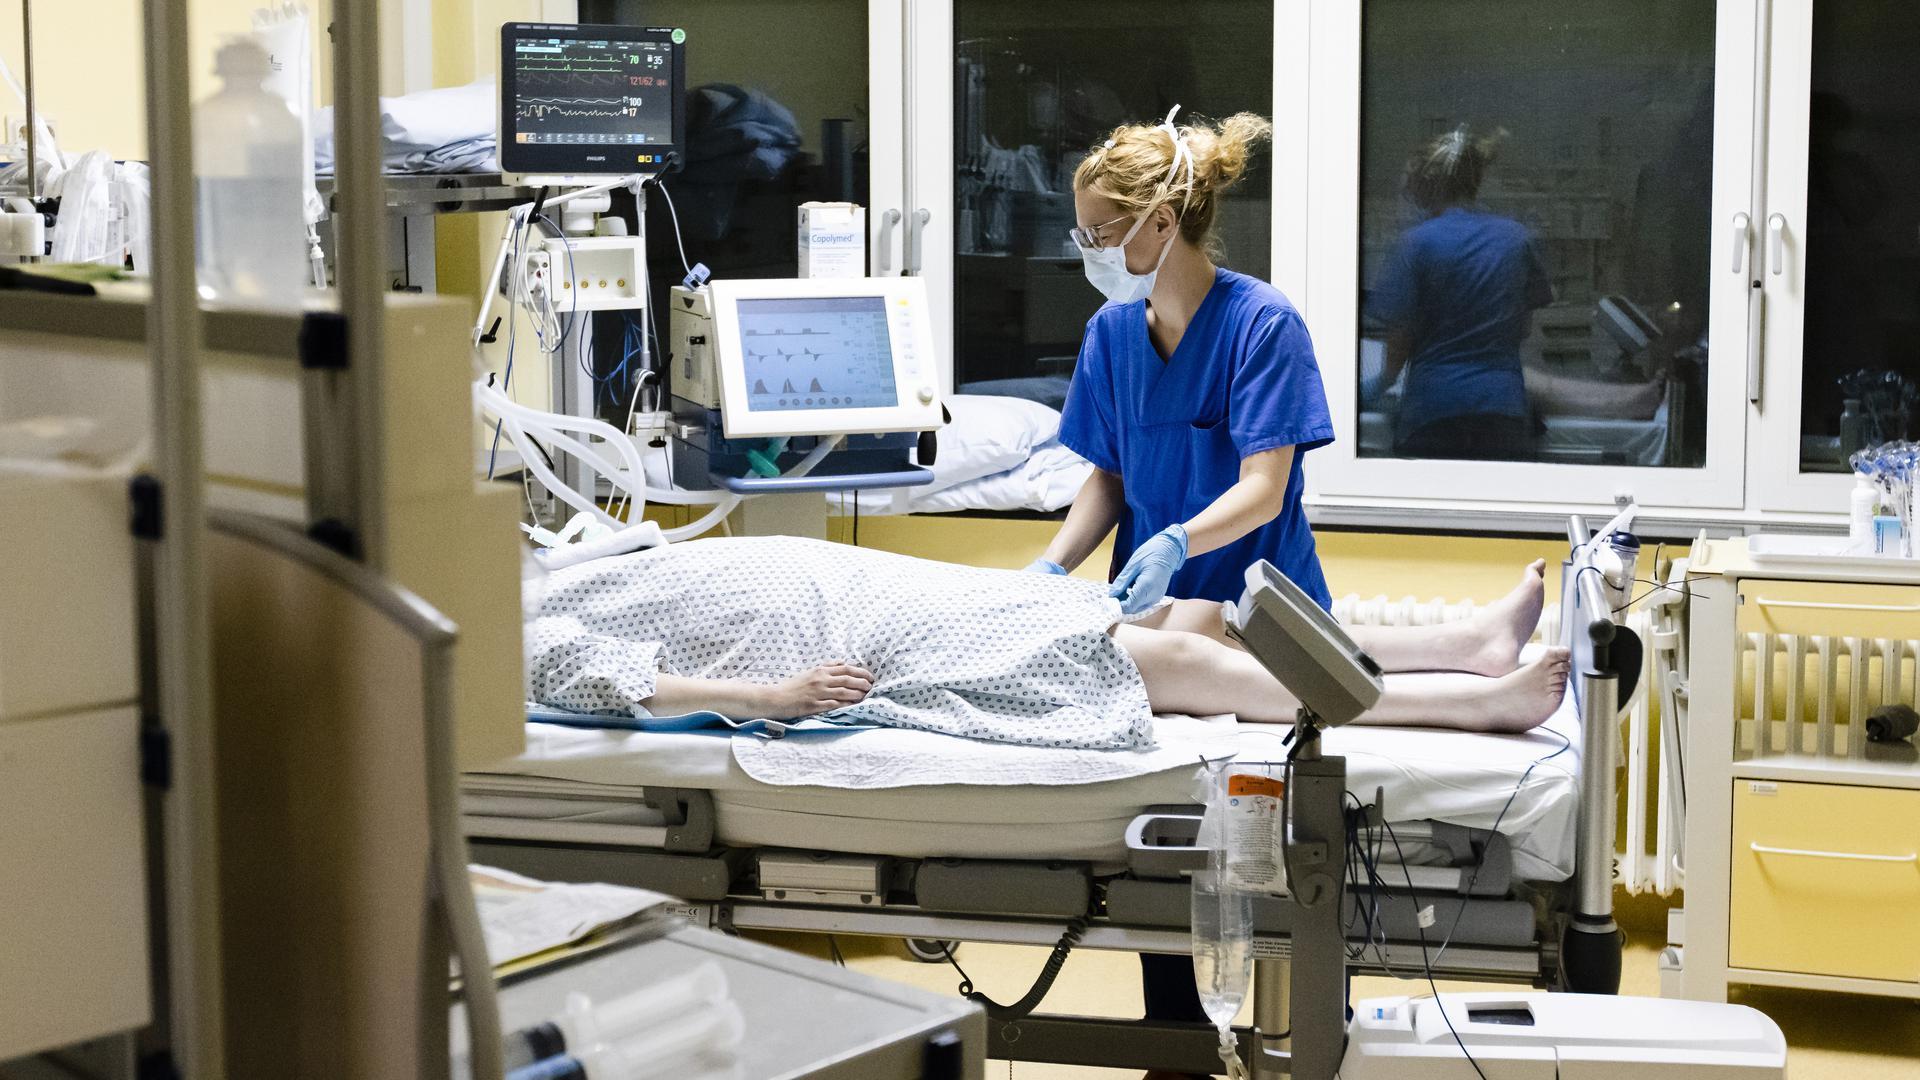 Überlastet: Das Pflegepersonal und damit die Krankenhäuser kämpfen mit der angespannten Lage auf den Intensivstationen, wo immer mehr Covid-Patienten behandelt werden müssen.